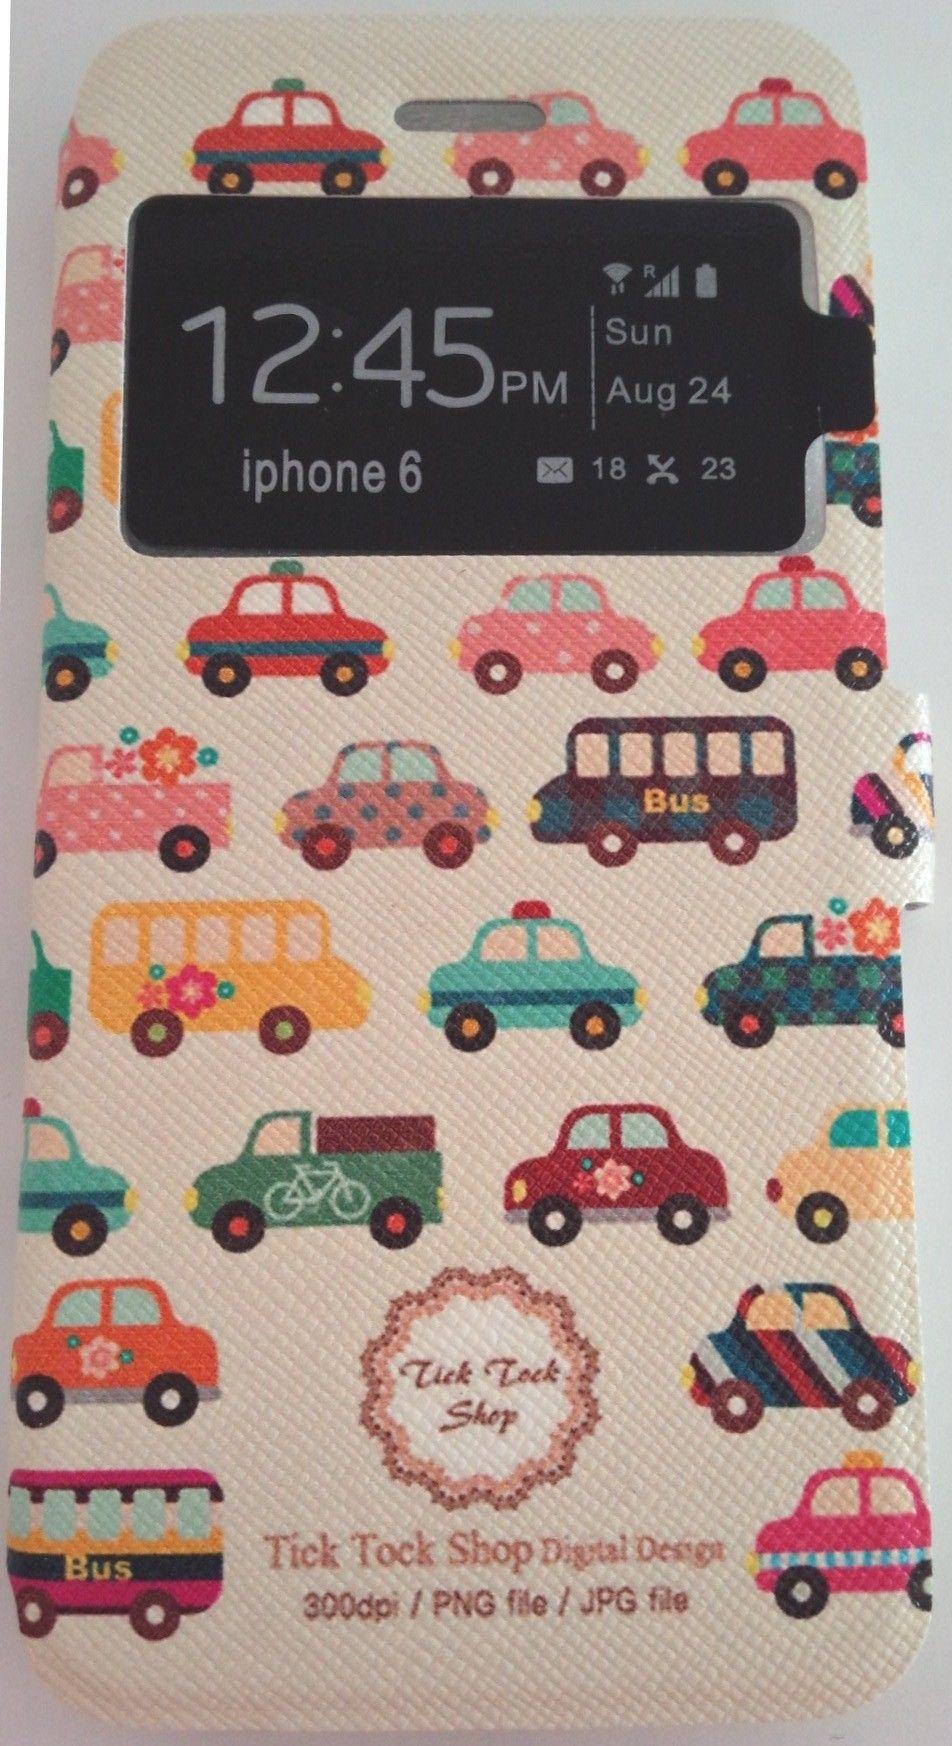 iphone6 ケース/4.7インチ/車のデザインカバー